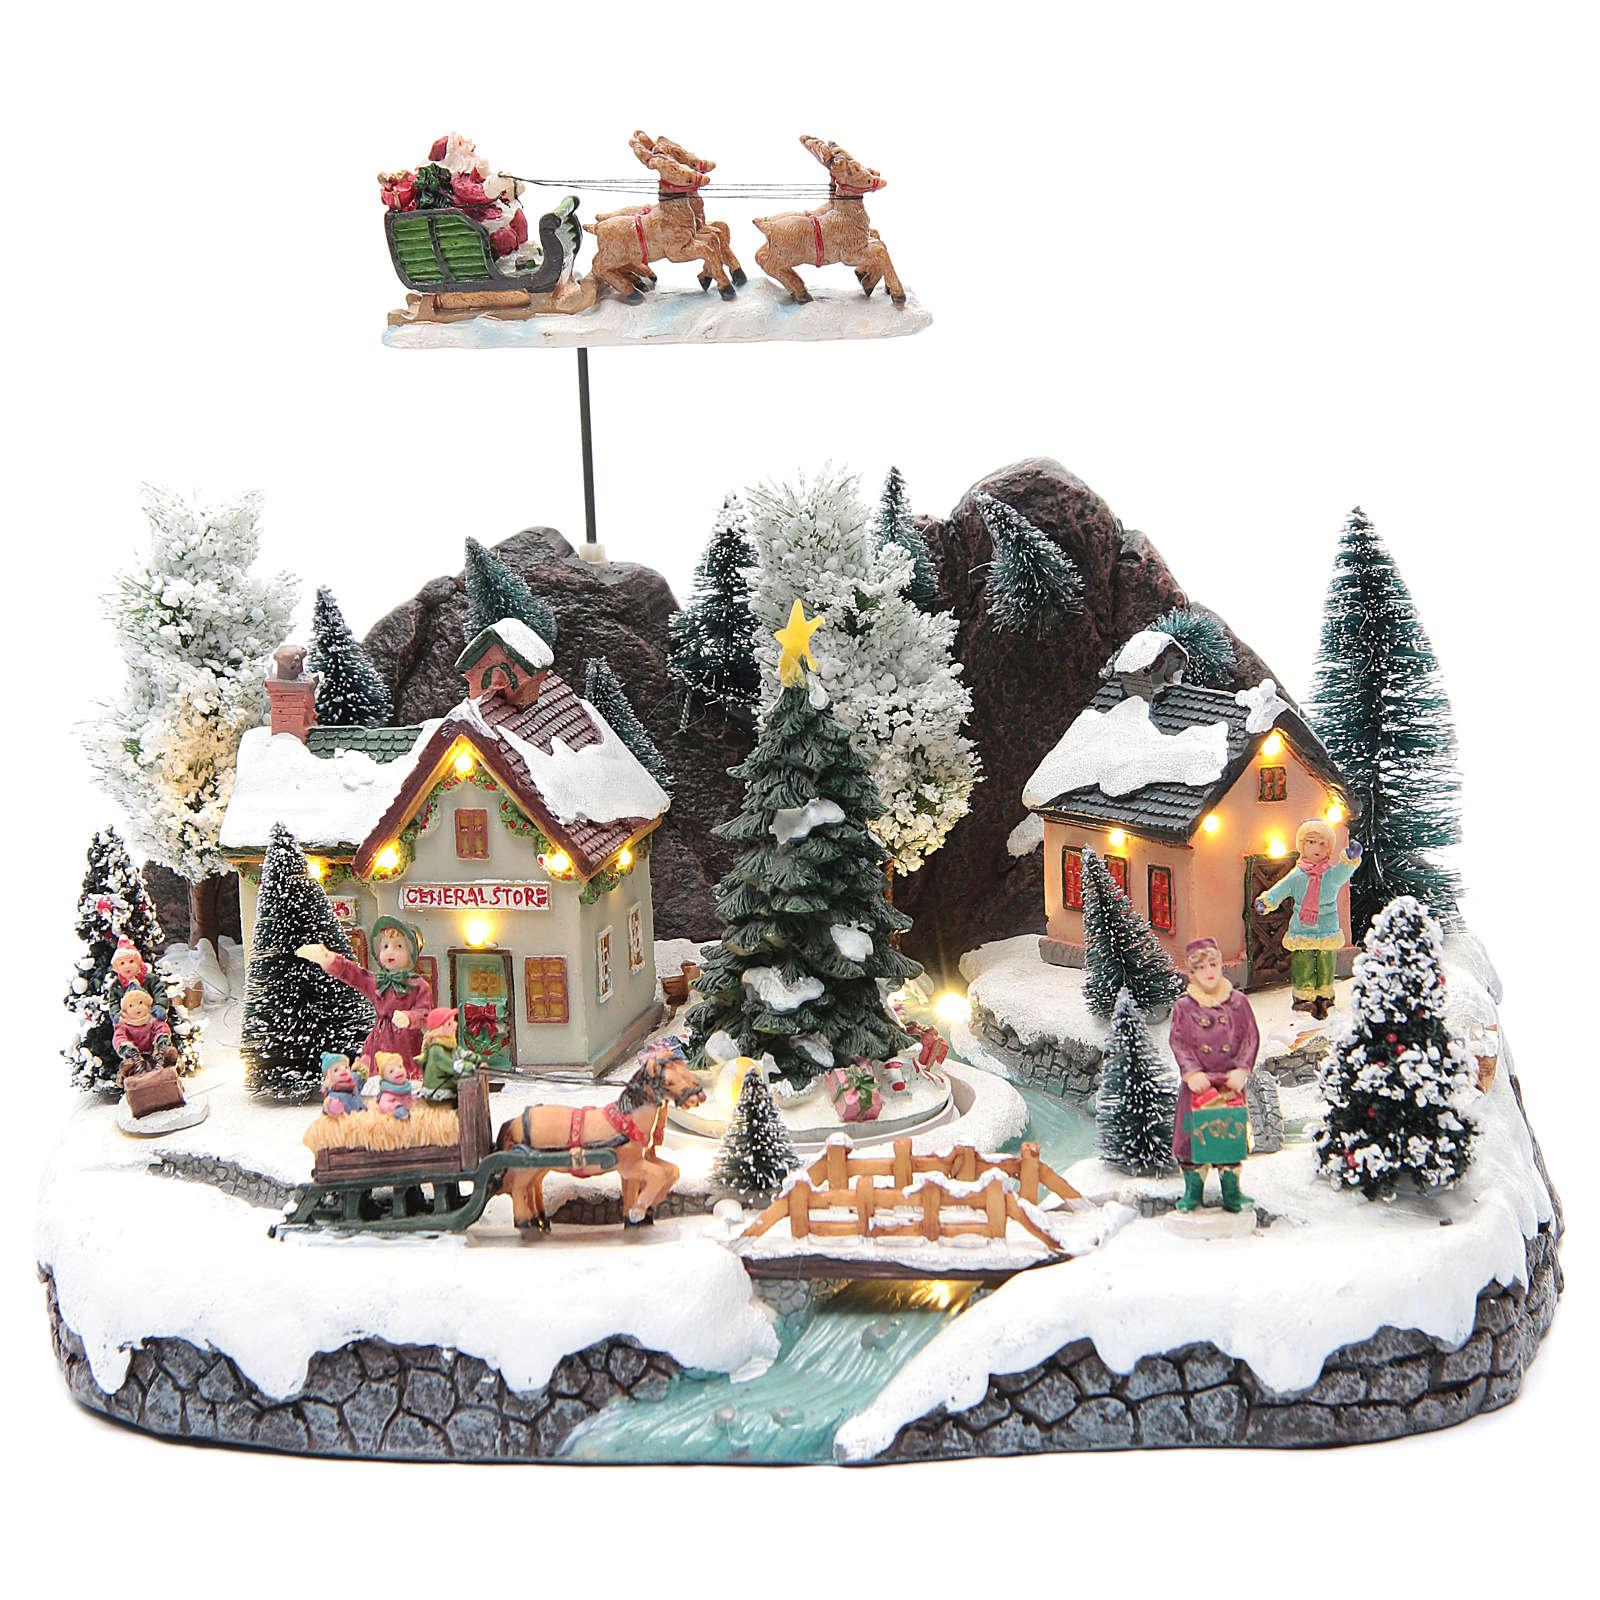 Weihnachtsszene Schlitte mit Weihnachtsmann 30x25x25cm | Online ...